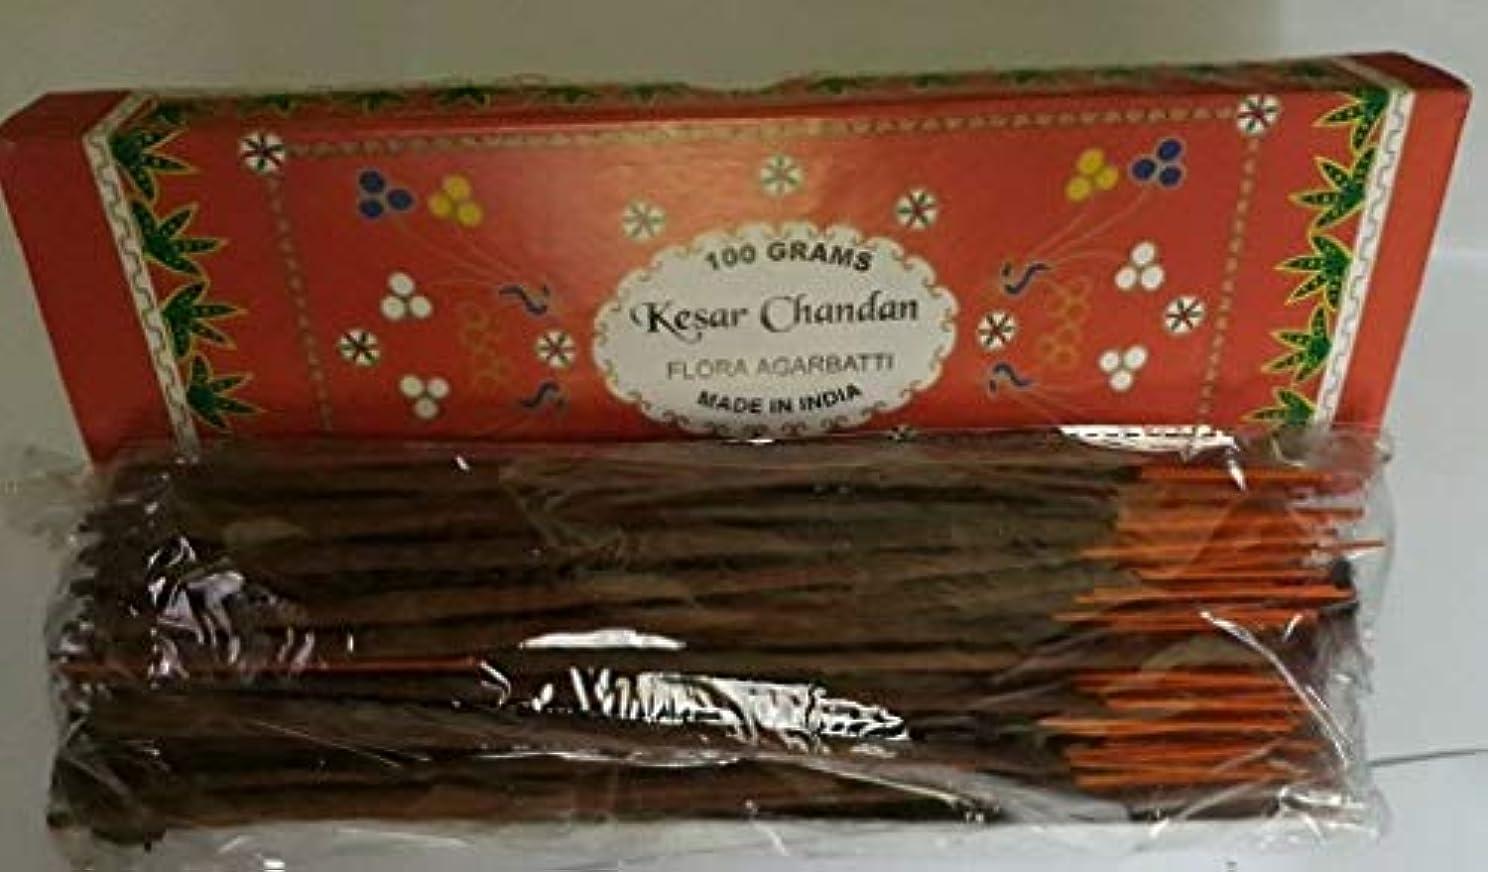 珍味自動あえてKesar Chandan (Saffron Sandal) サフラン サンダル Agarbatti Incense Sticks 線香 100 grams Flora Incense フローラ線香